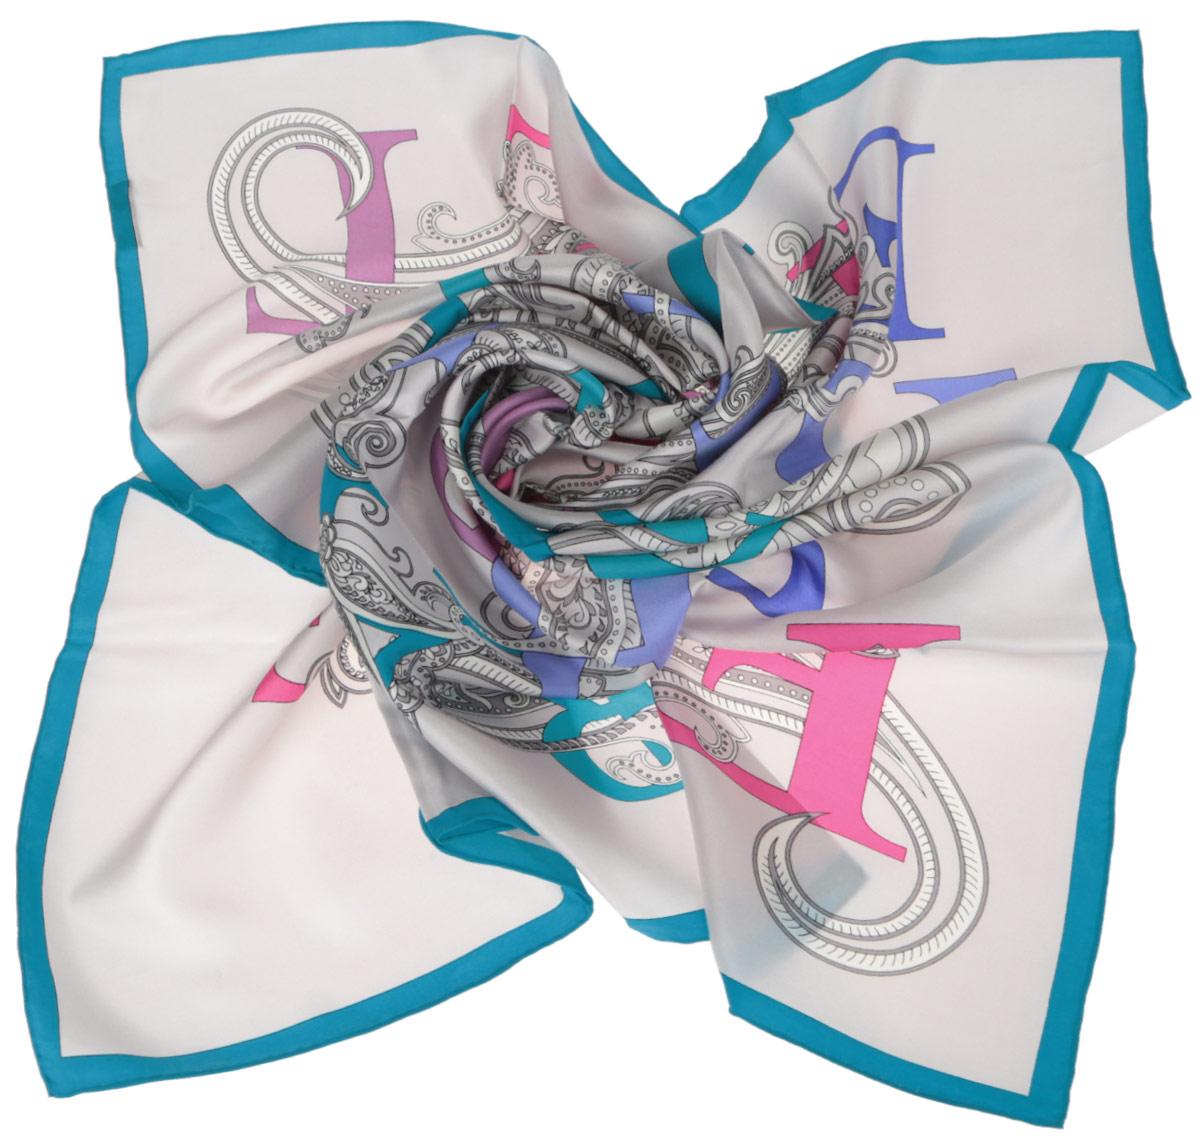 Платок женский Fabretti, цвет: молочный, лазурный, розовый. CX1516-44-8. Размер 90 см х 90 смCX1516-44-8Стильный женский платок Fabretti станет великолепным завершением любого наряда. Платок изготовлен из высококачественного 100% шелка и оформлен красочным принтом с буквами на фоне цветочного орнамента.Классическая квадратная форма позволяет носить платок на шее, украшать им прическу или декорировать сумочку. Мягкий и шелковистый платок поможет вам создать изысканный женственный образ, а также согреет в непогоду. Такой платок превосходно дополнит любой наряд и подчеркнет ваш неповторимый вкус и элегантность.